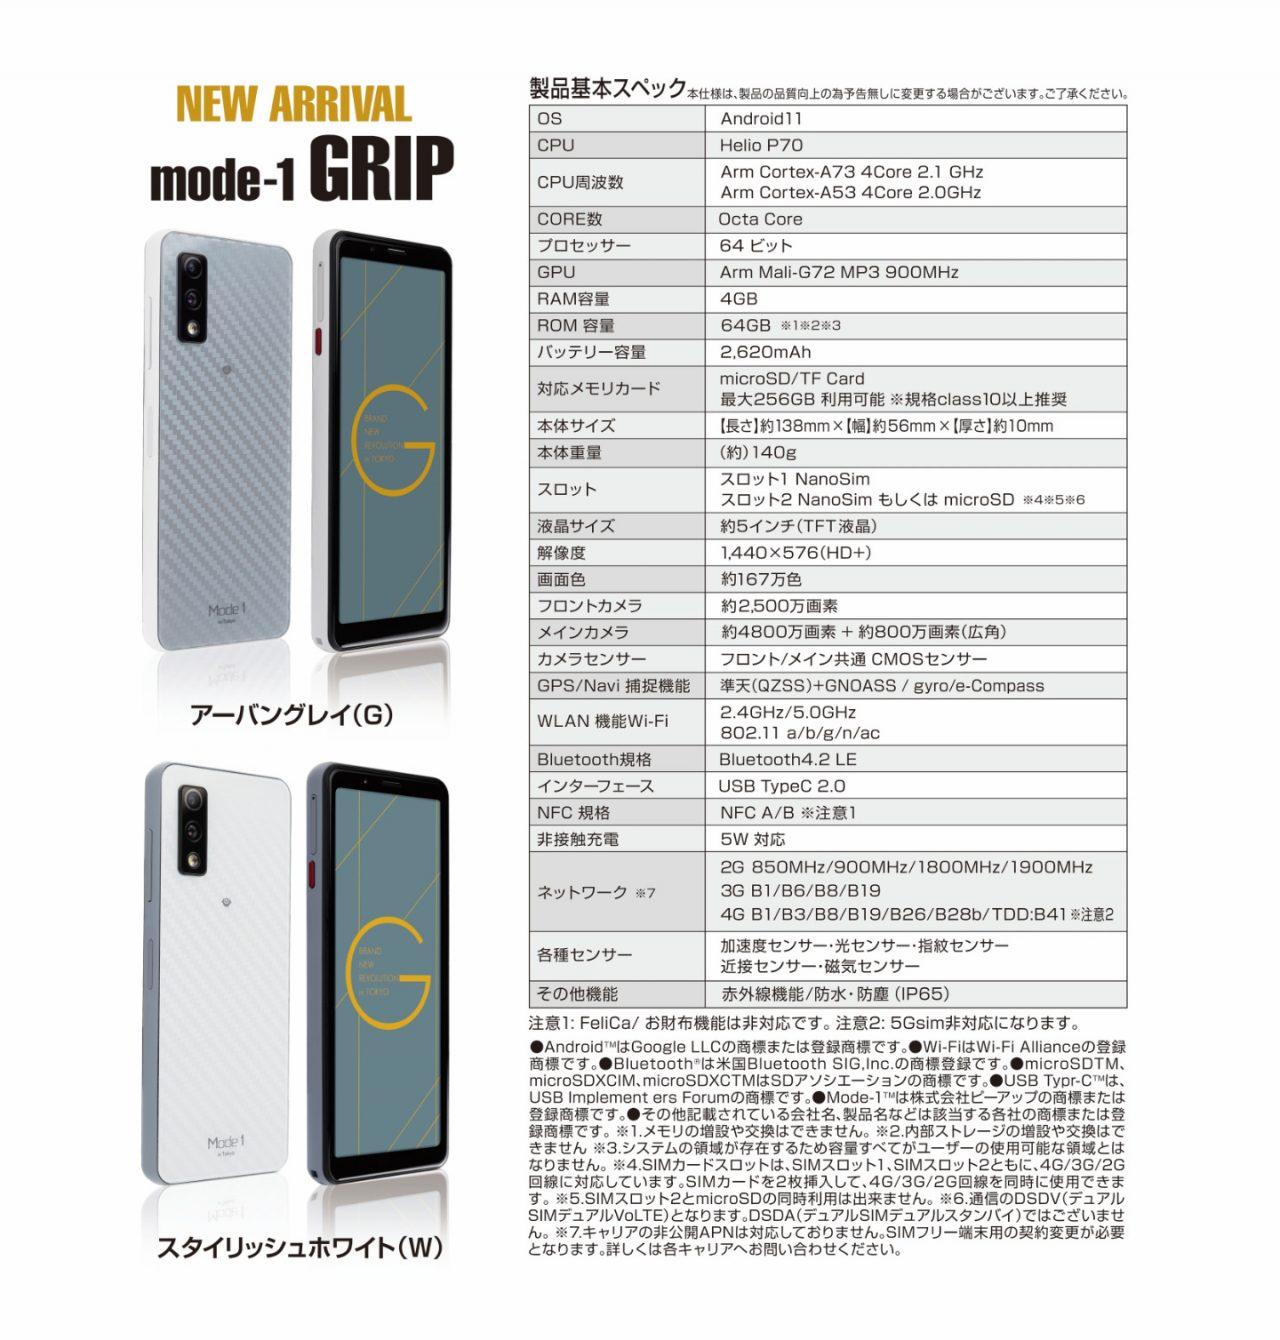 Mode1 GRIP